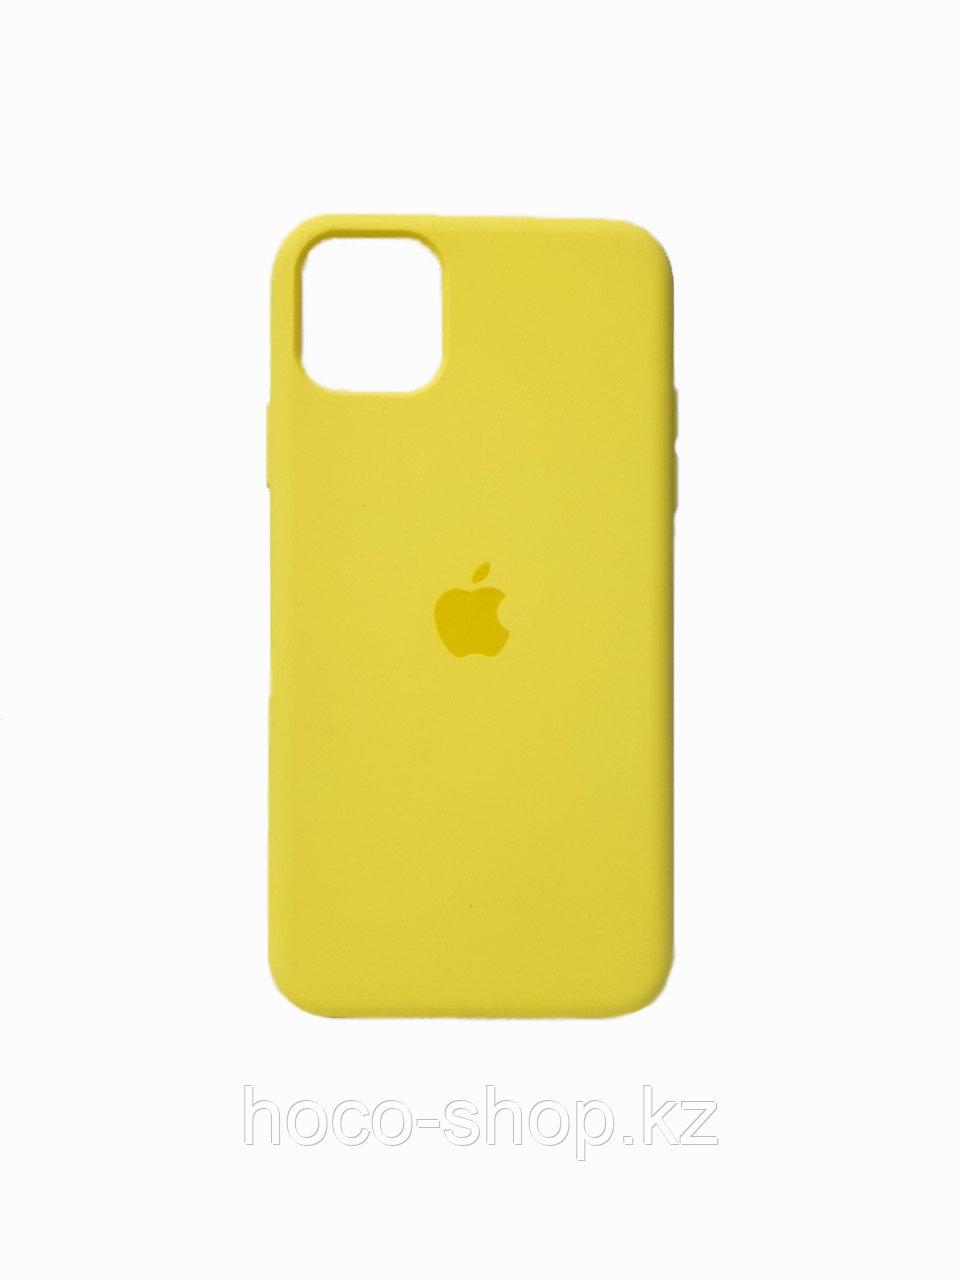 Защитный чехол для iPhone 11 Pro Max Soft Touch силиконовый, желтый